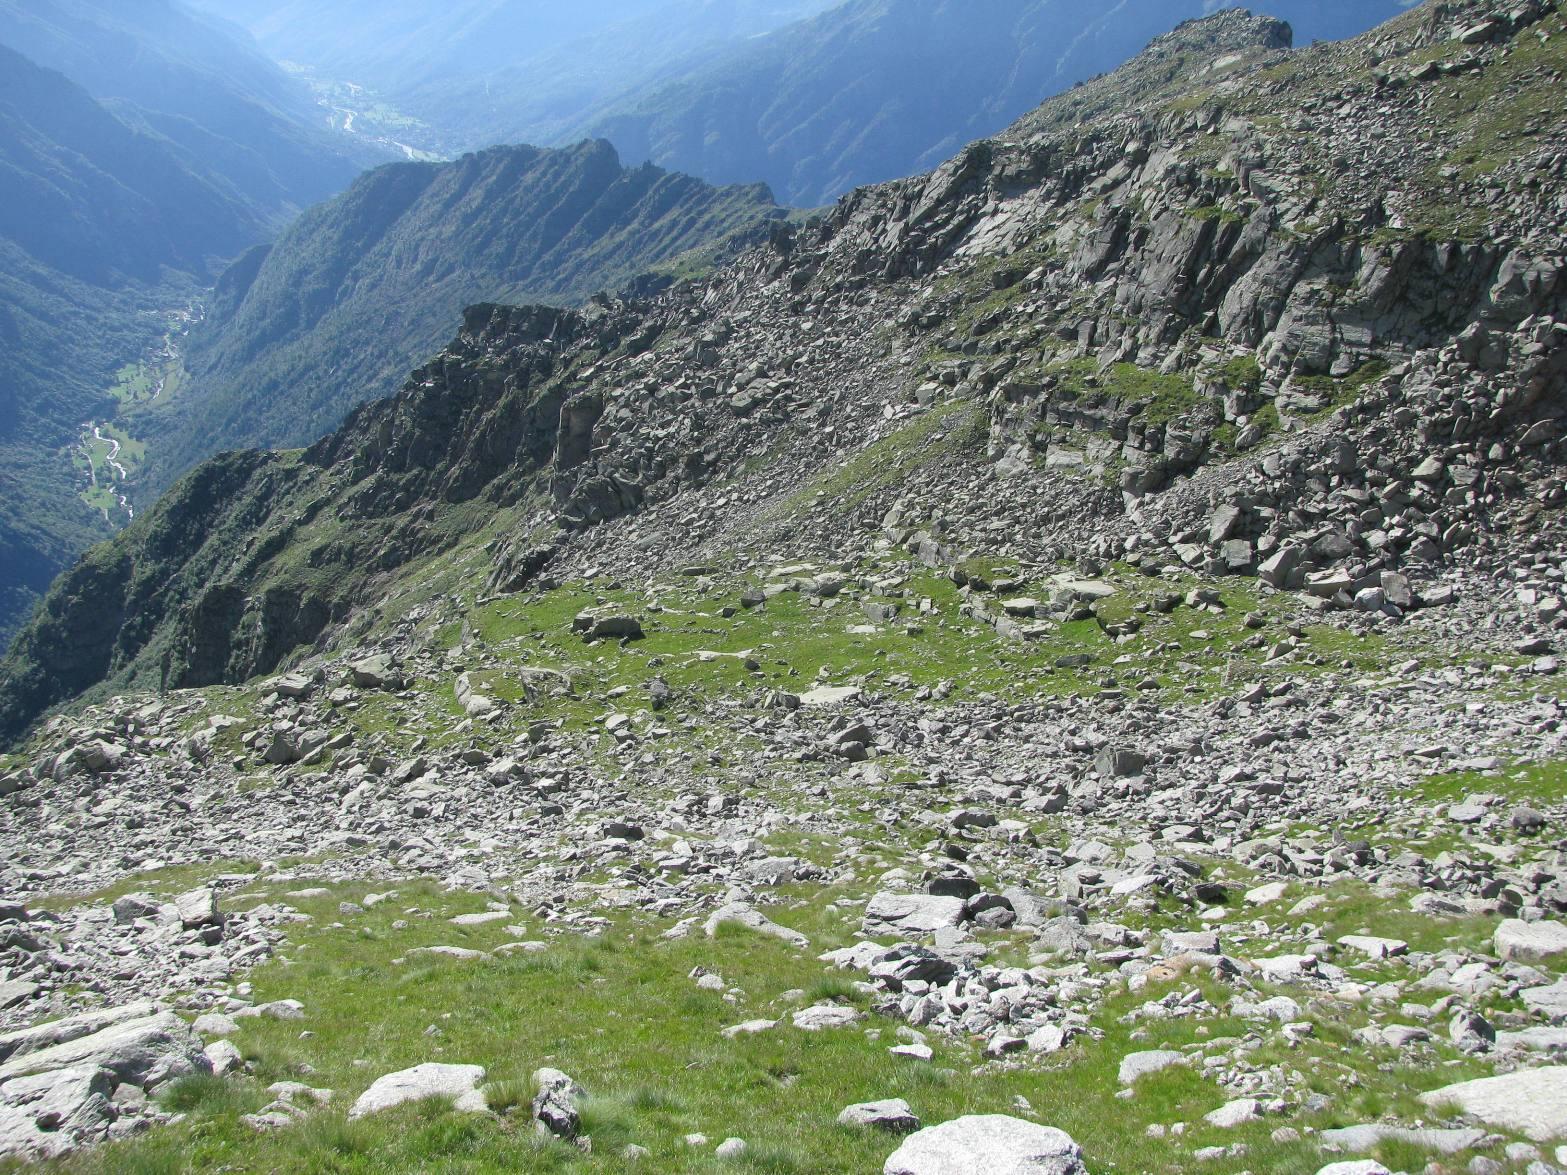 Il falsopiano superiore dell'Alpe Fumà di sopra